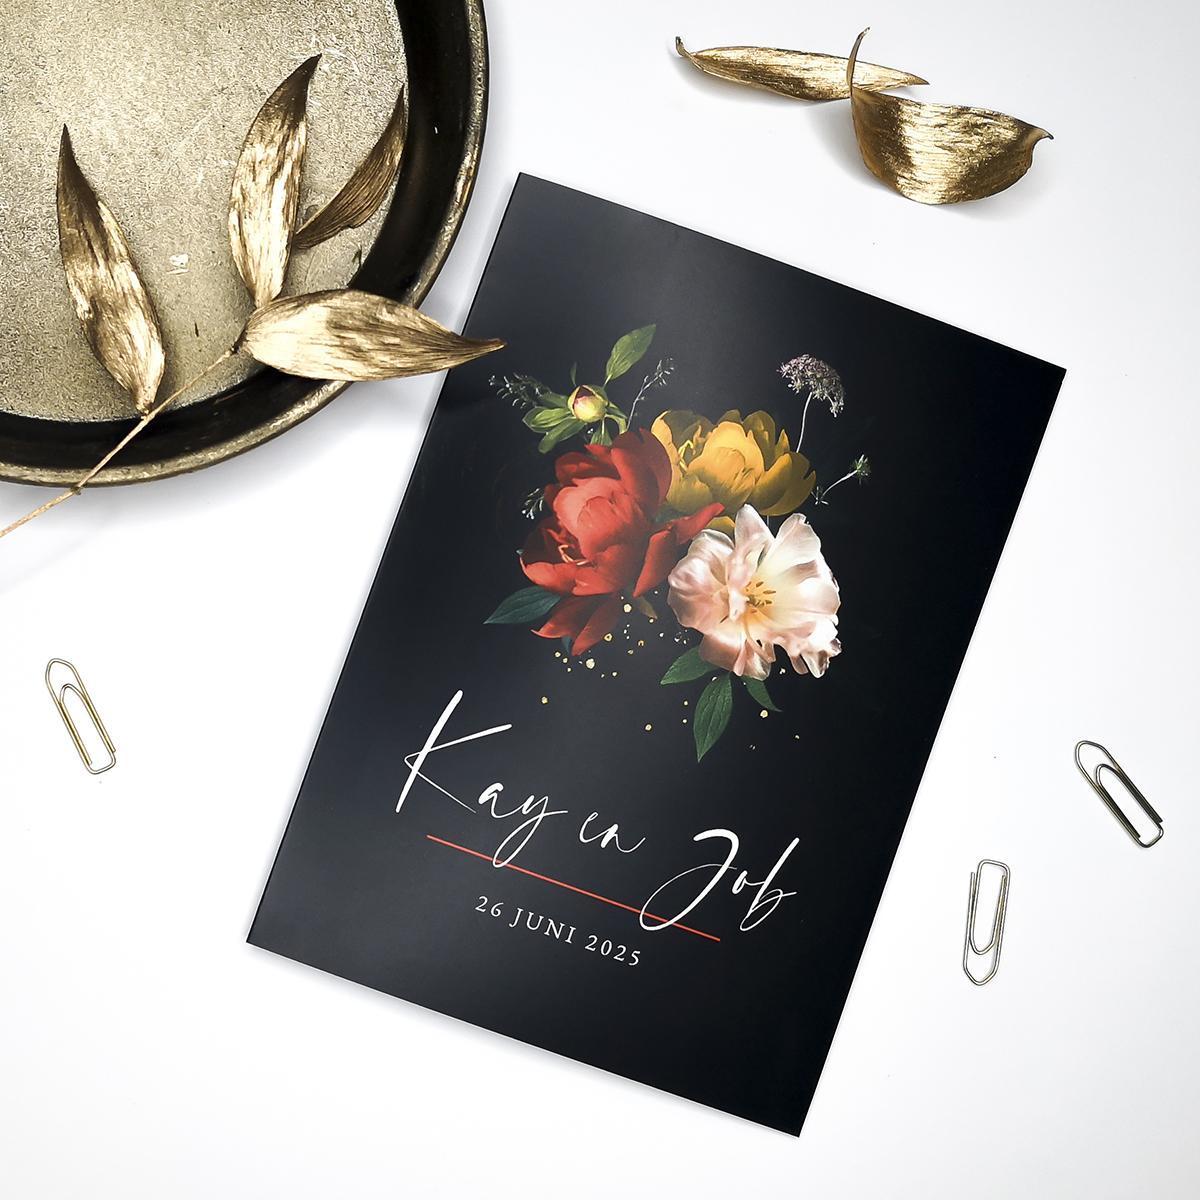 Zwarte trouwkaart Hollandse meesters met kleurrijk boeket trouwkaart Romantisch